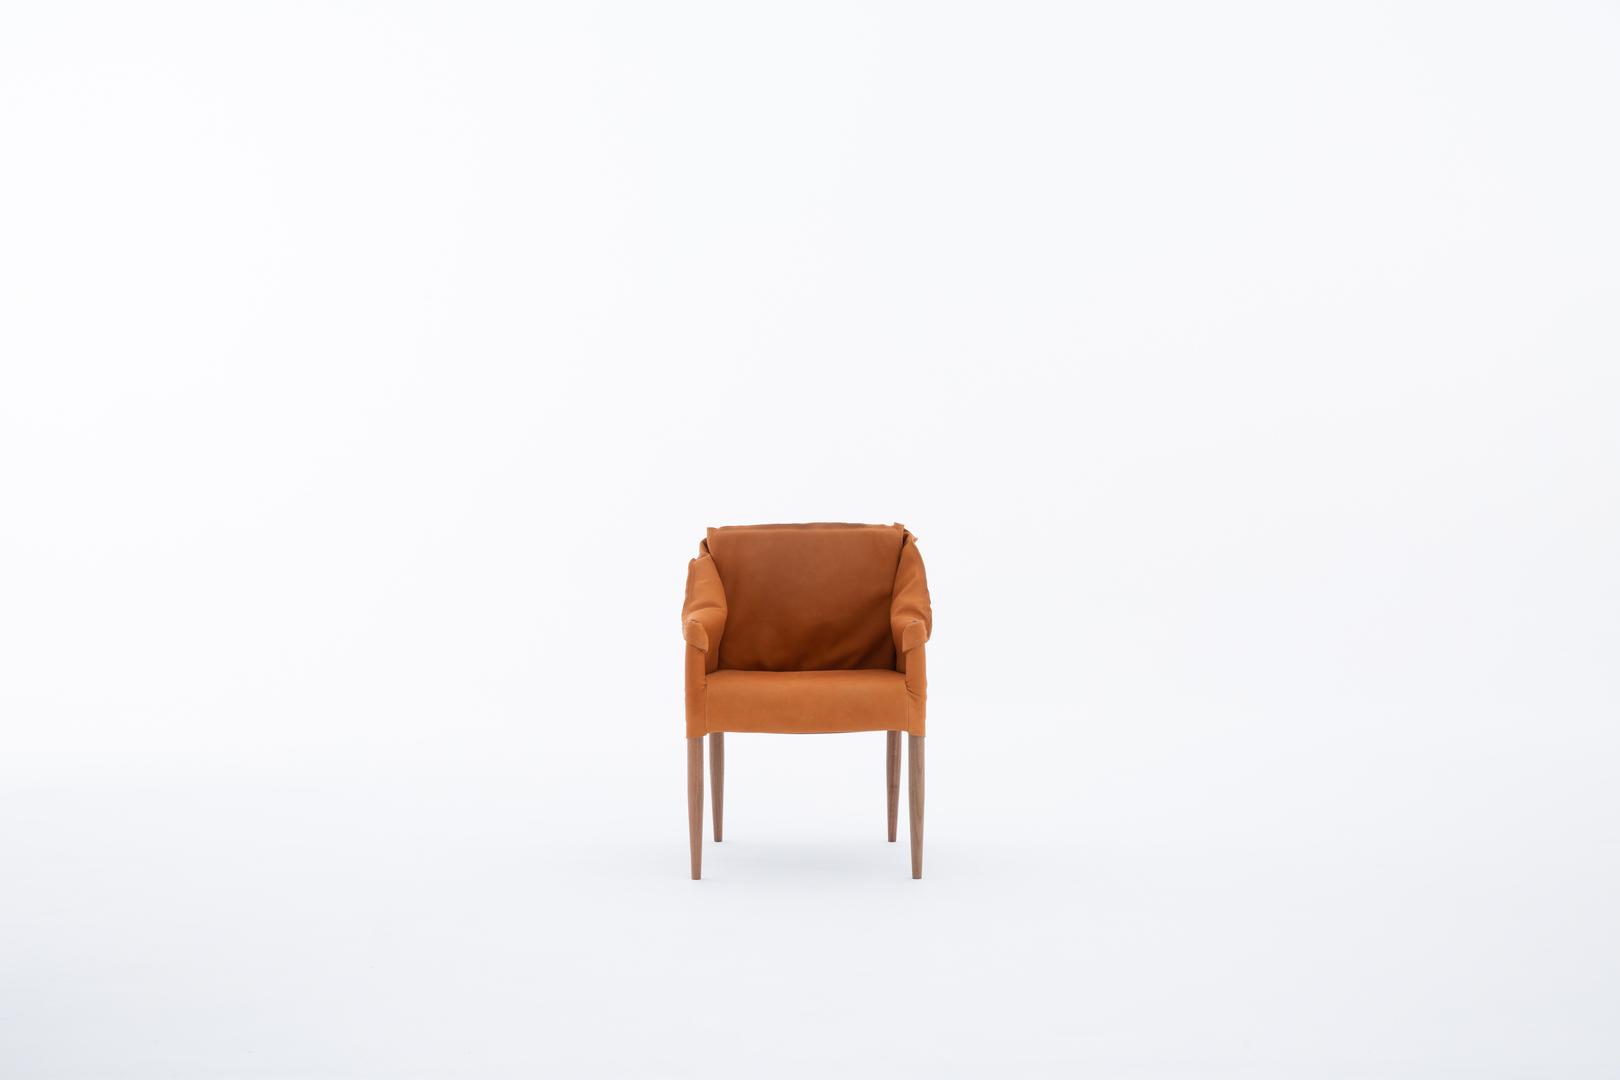 Cadeira capincho still.tif